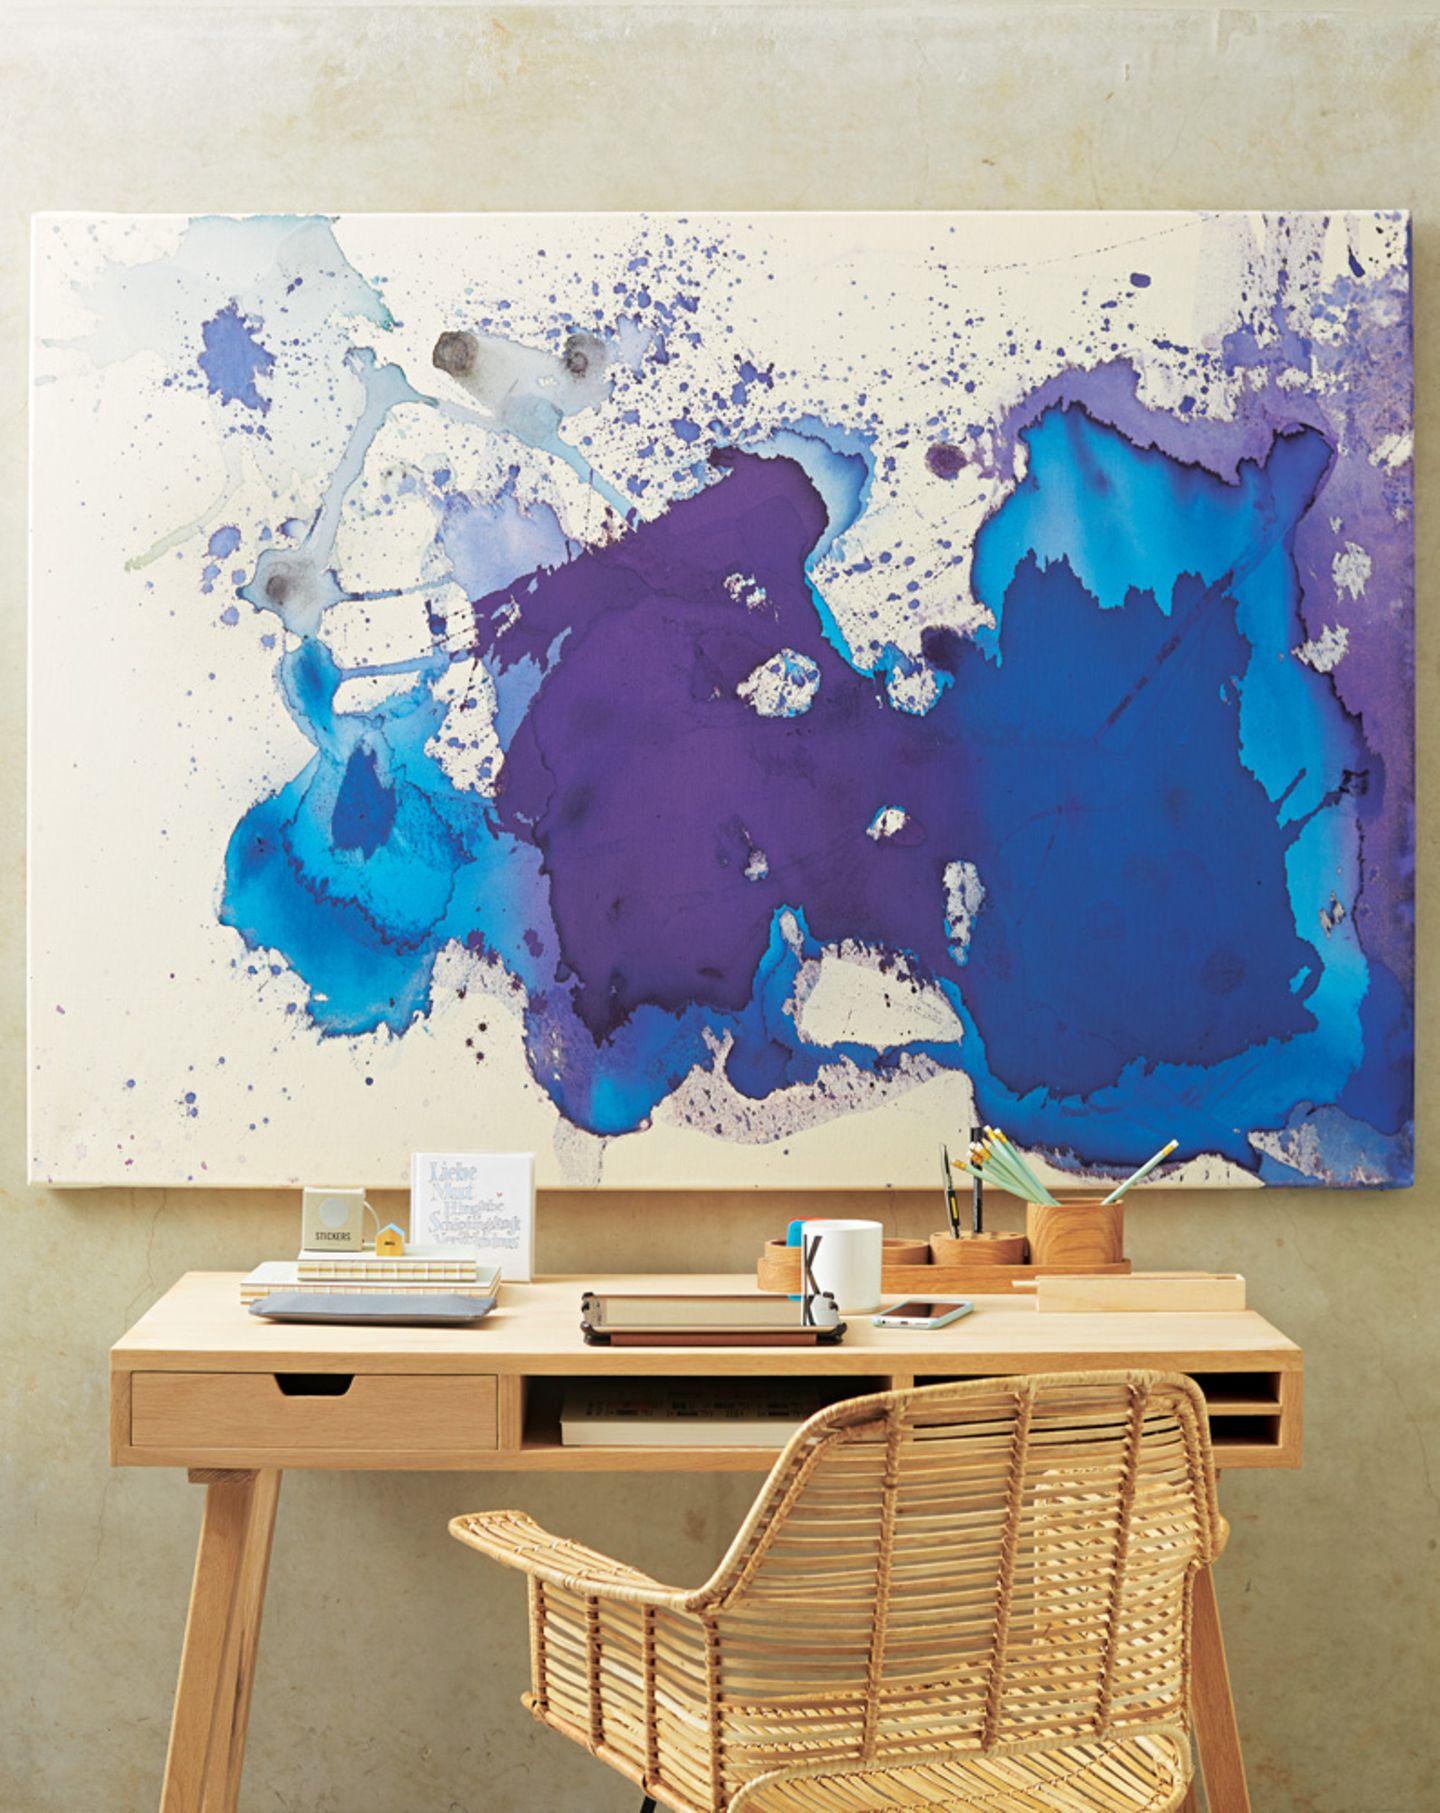 Klecksografie ist Trend und ganz einfach nachzumachen: Die Flächen in Blautönen entstehen beim Auftauen farbiger Eiswürfel.Hier gehts zur Anleitung.  Sekretär und Stuhl von Car Möbel,Federtasche von House Doctor,Becher von Design Letters.